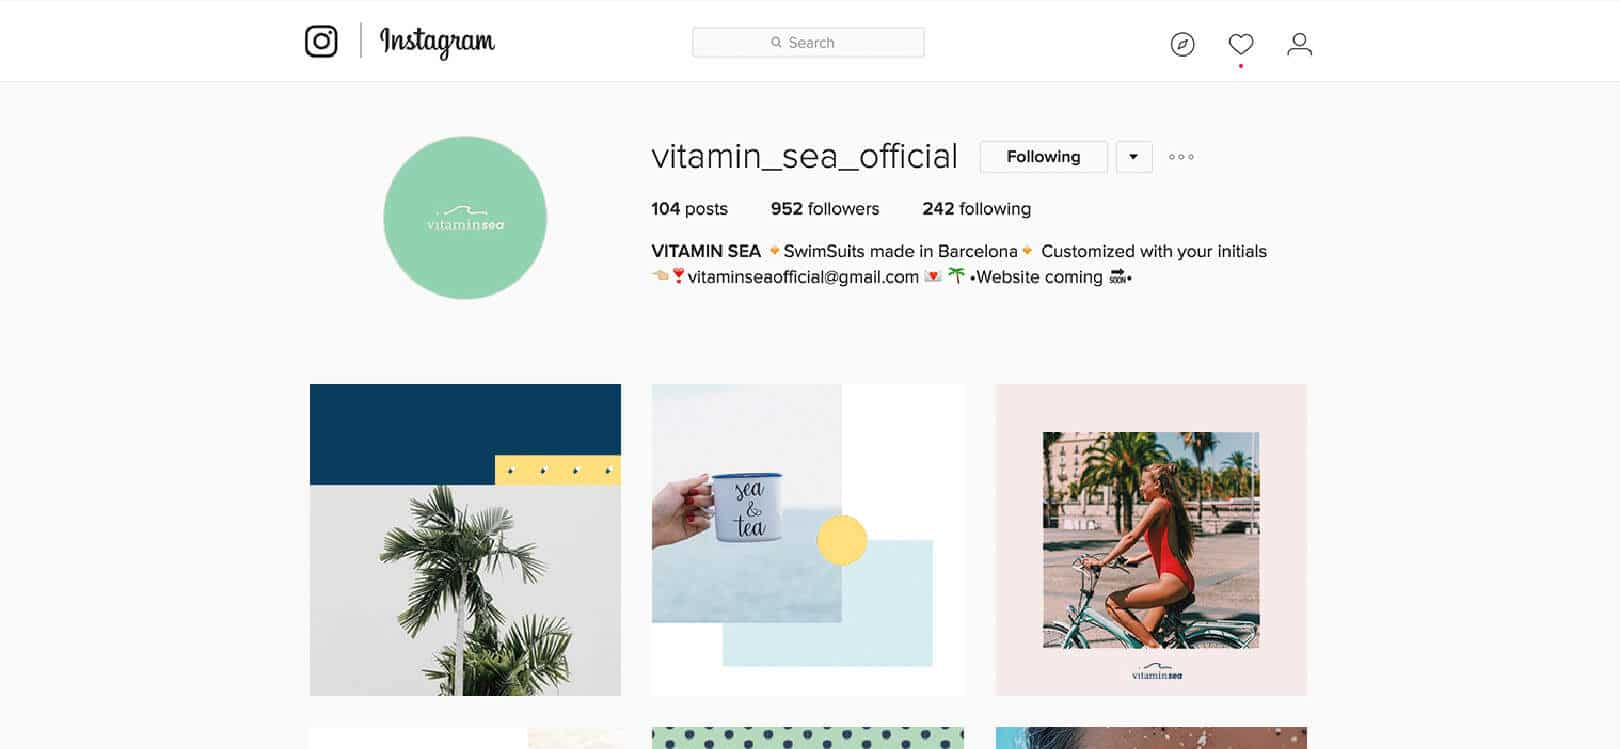 Aplicació gràfica en xarxa social Vitamin Sea